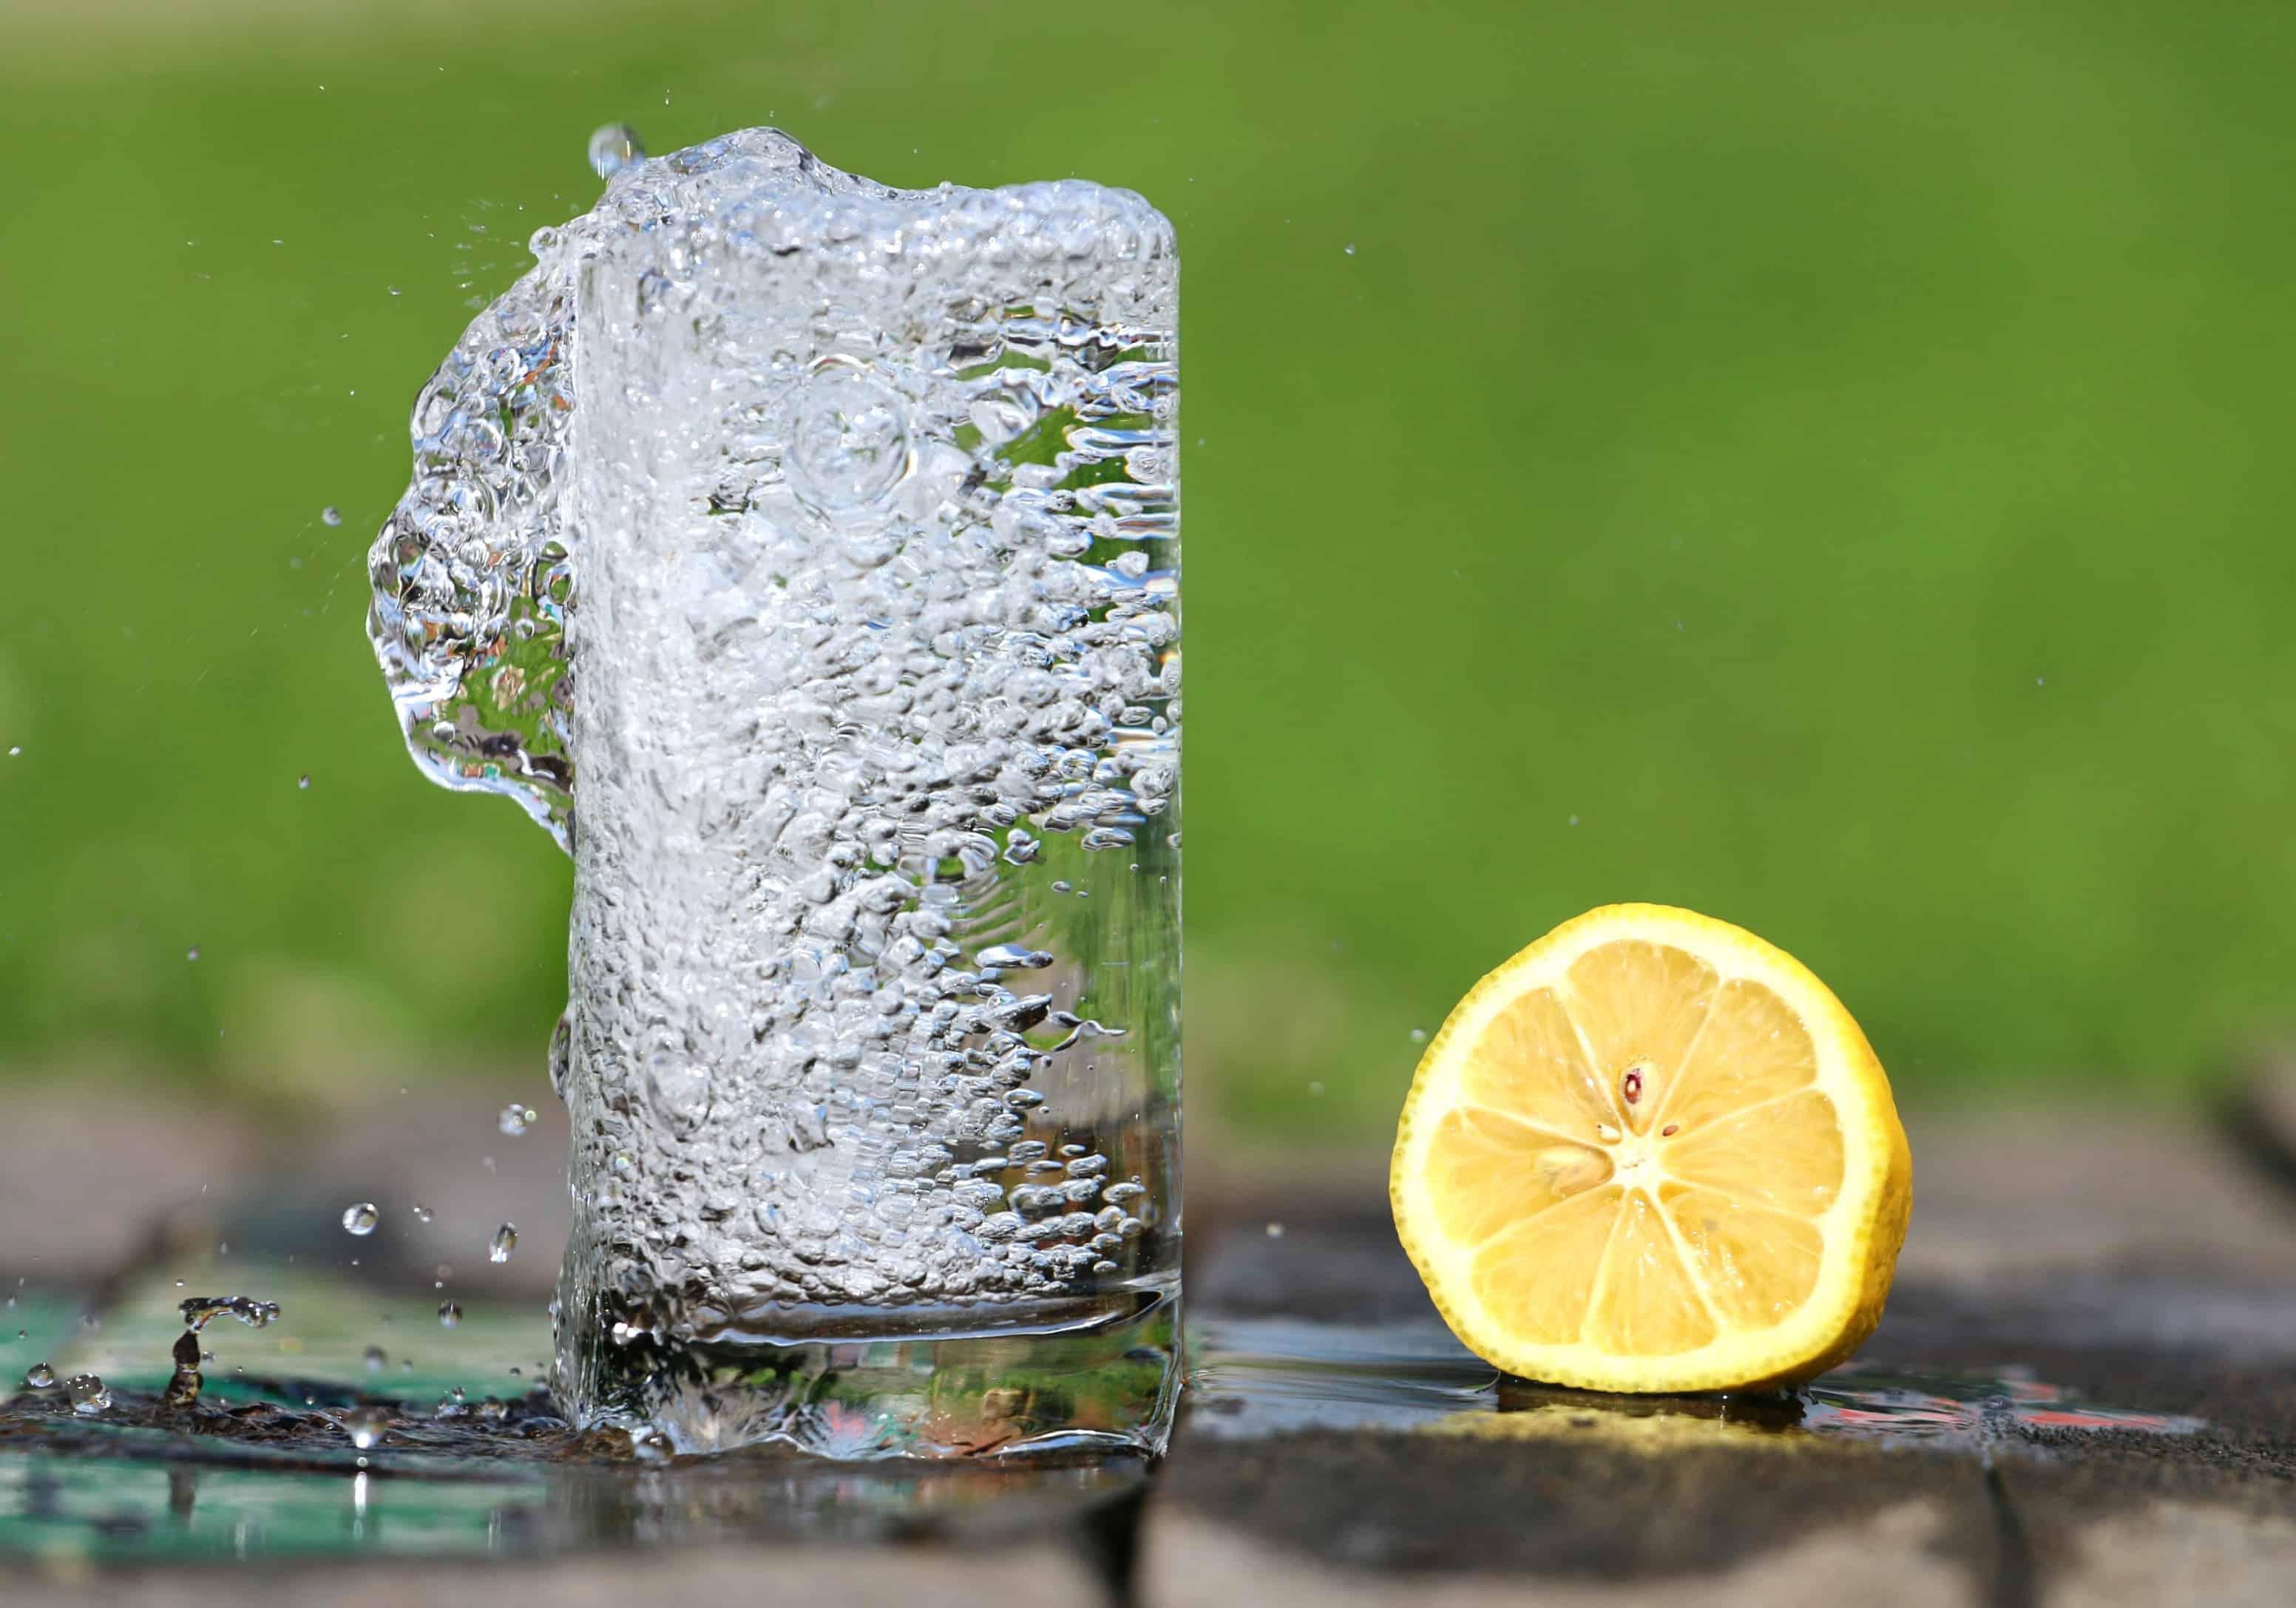 Getting hydration